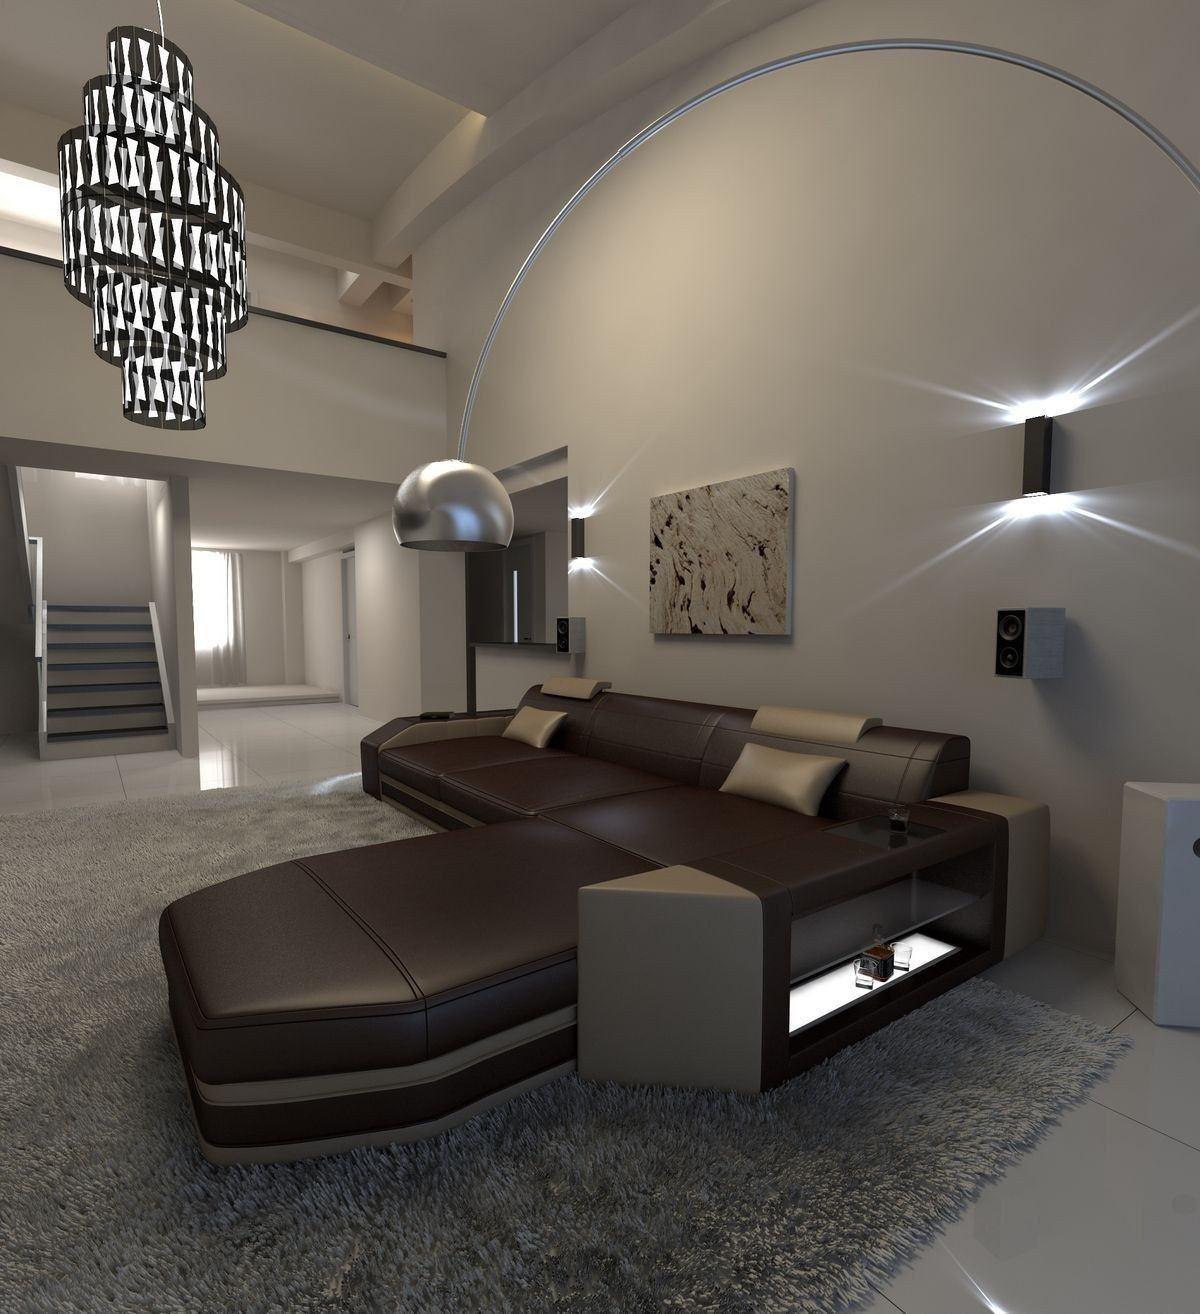 ledersofa prato l form dunkelbraun sandbeige. Black Bedroom Furniture Sets. Home Design Ideas